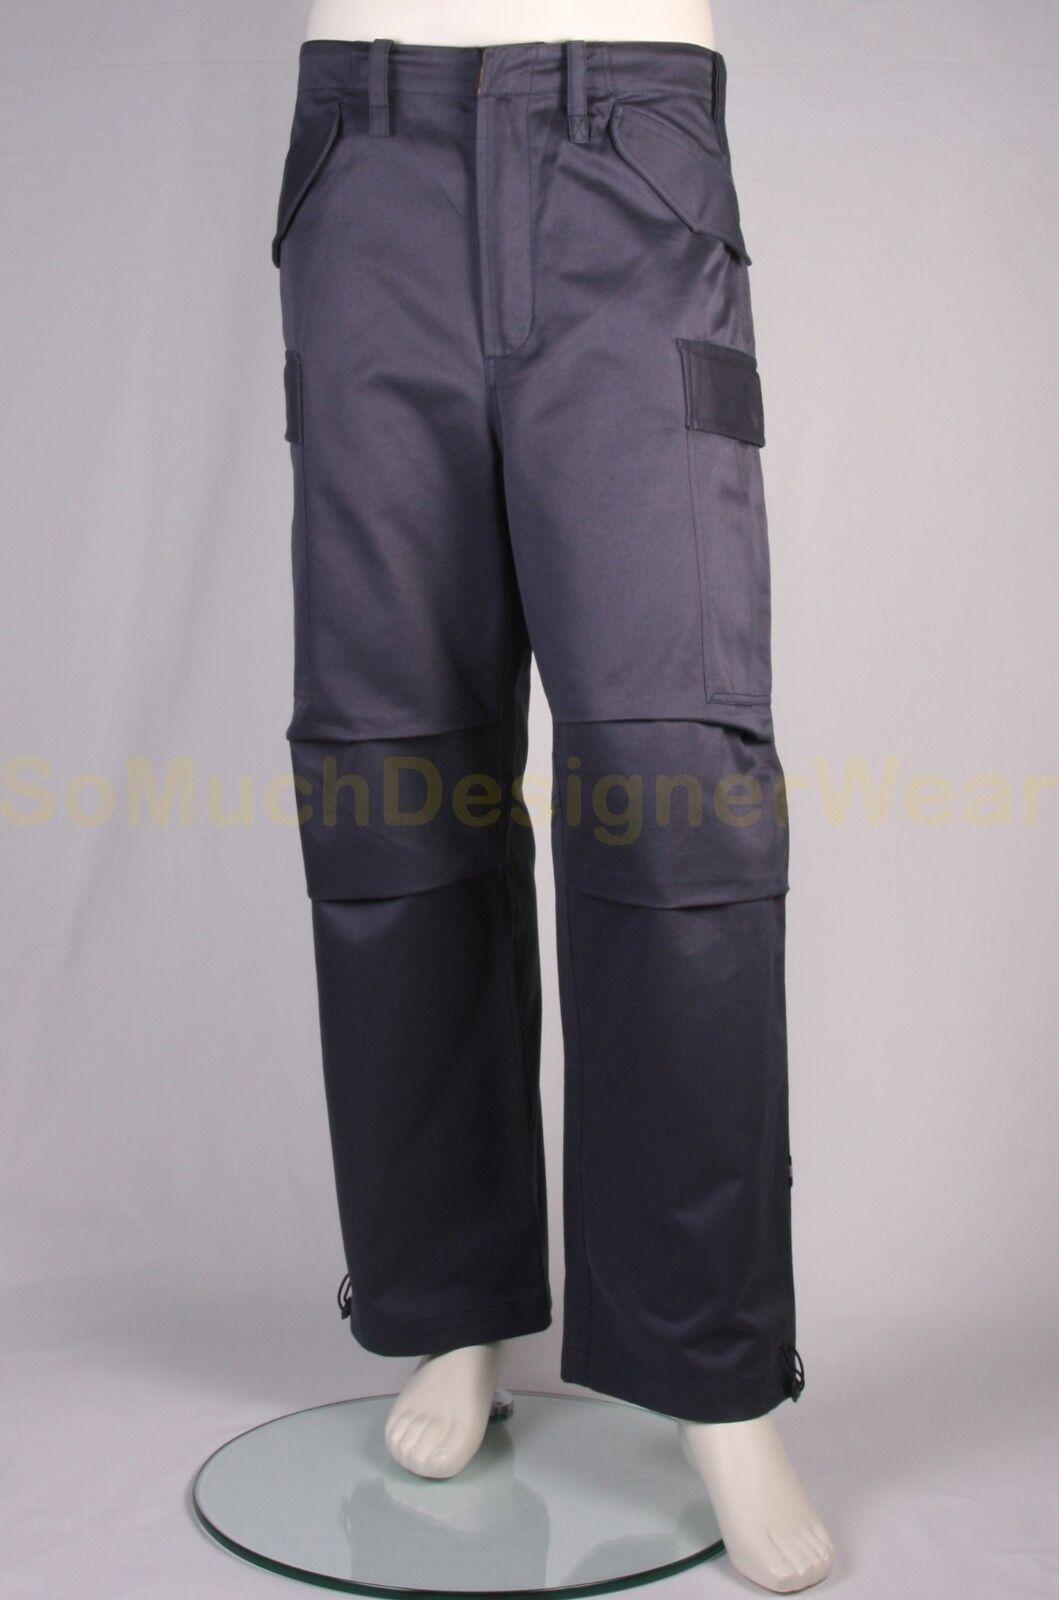 MAHARISHI broek cargo pants L bluew NIEUW+LABELS ap €225 (4)